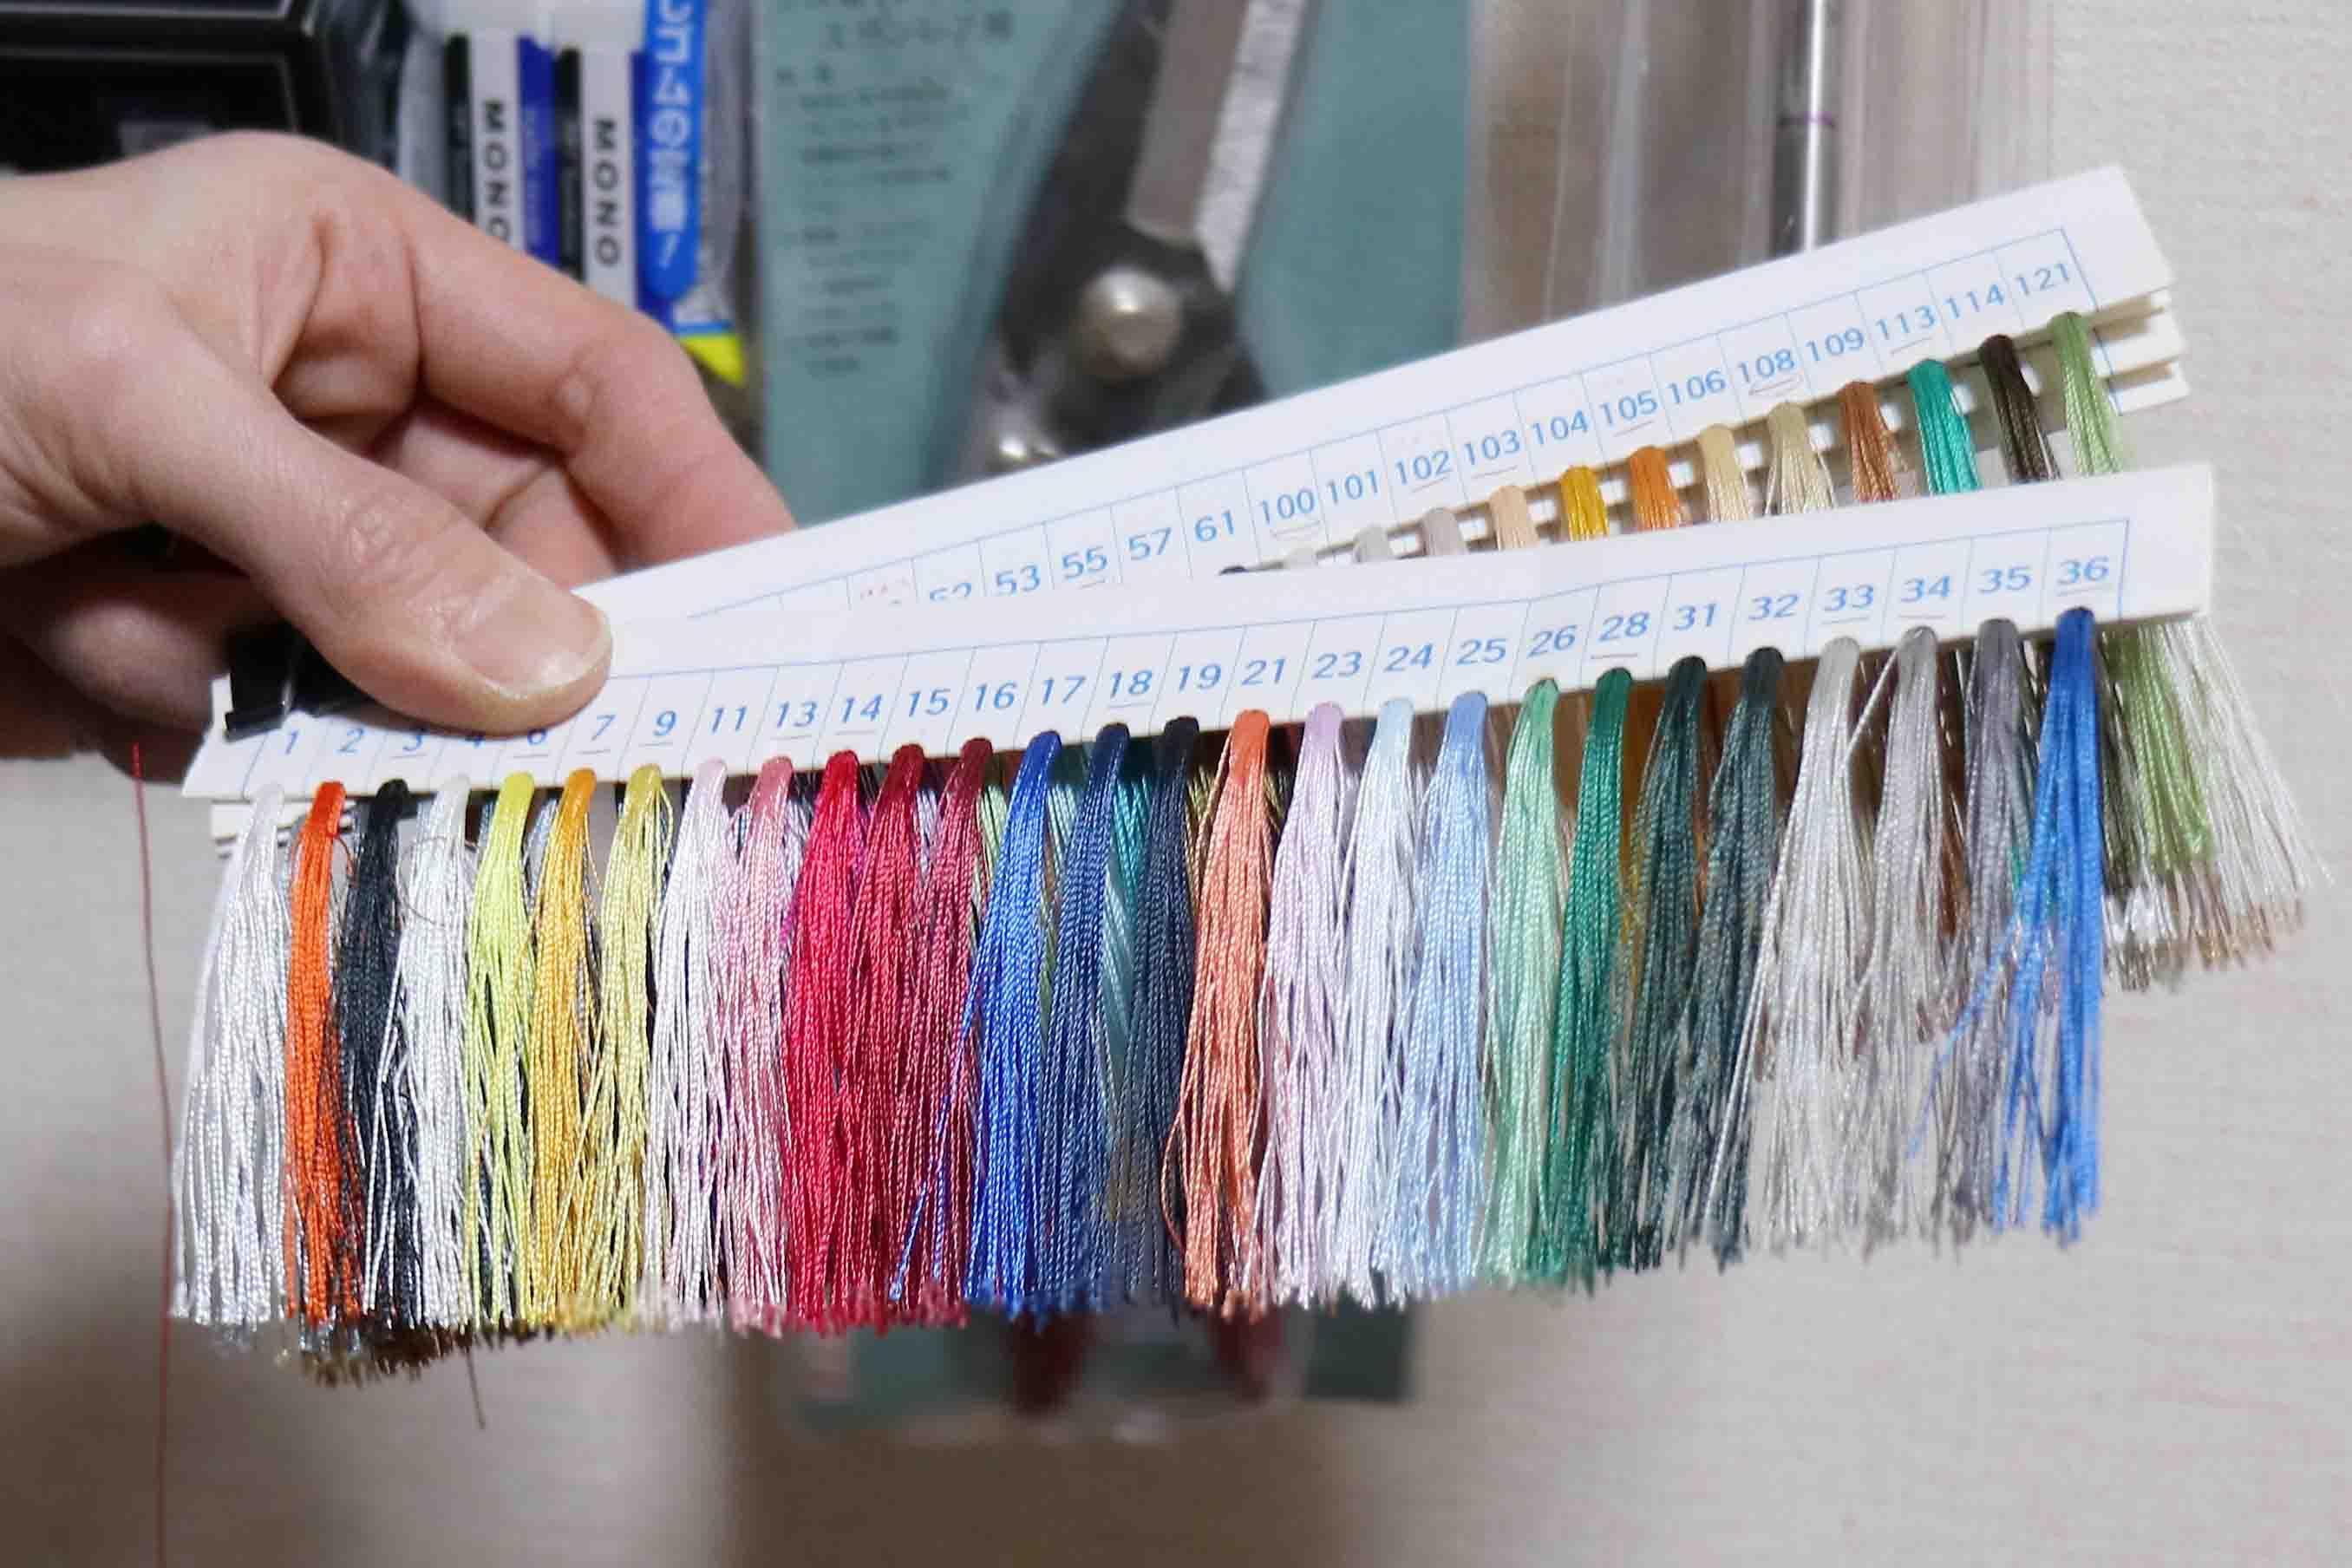 オリジナルに近づけるために、糸の色もより近いものを選ぶ。「同じ赤でも結構違うものなんです」と寺岡さん